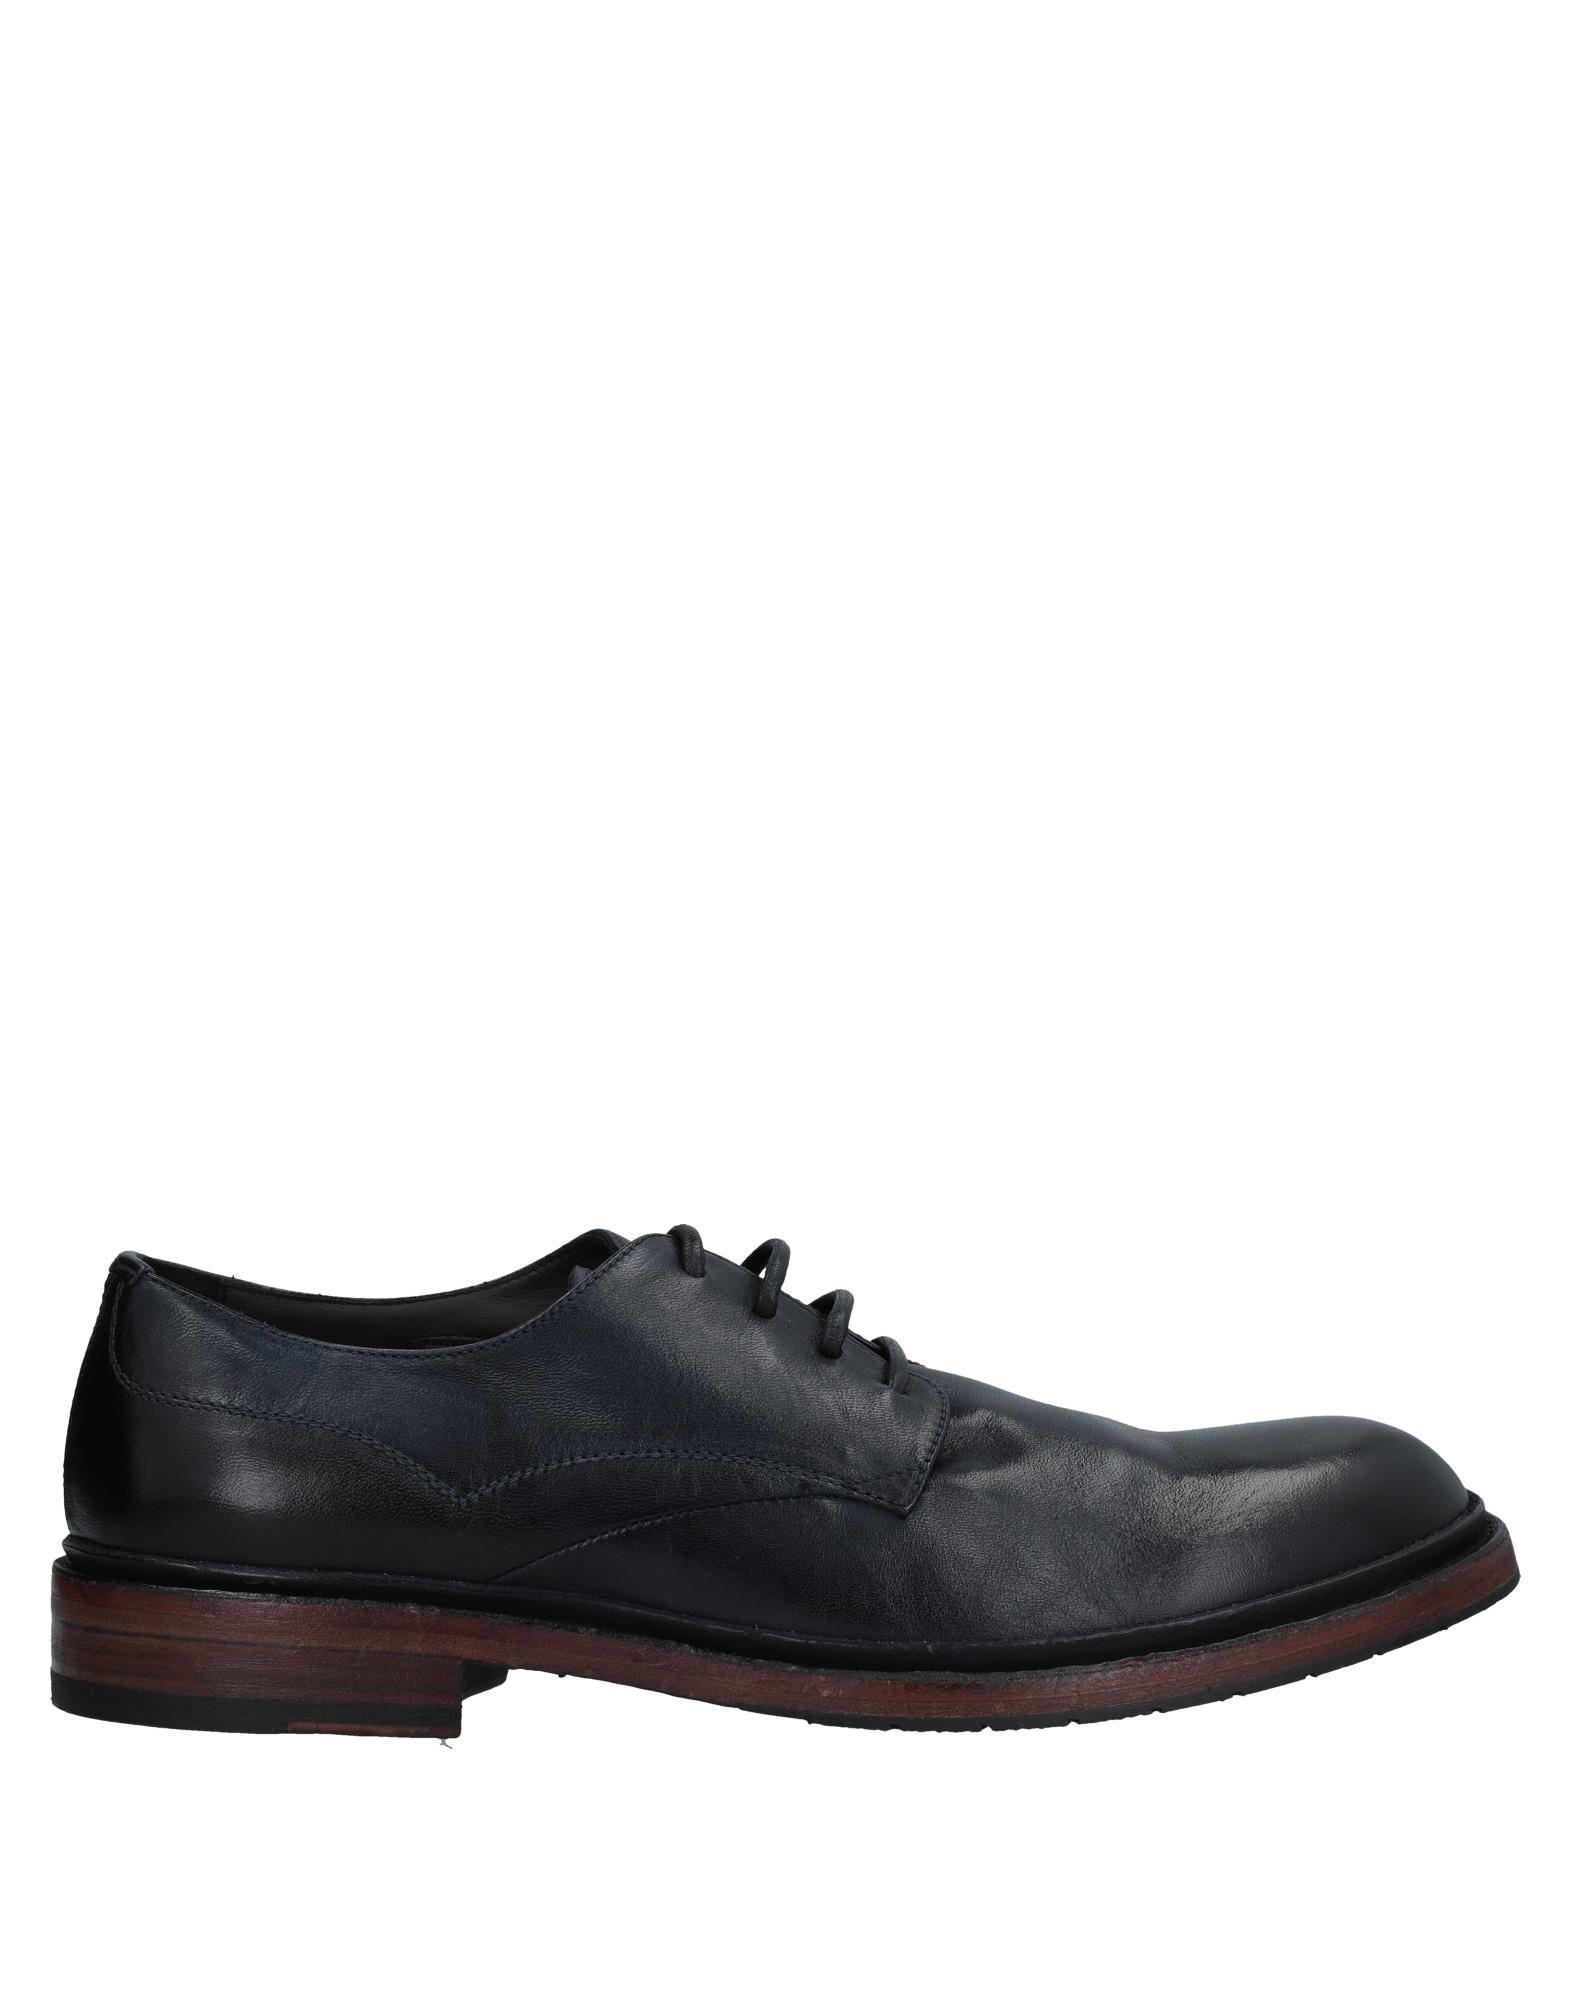 Stringate Pantanetti Uomo - 11536747GX Scarpe economiche e buone